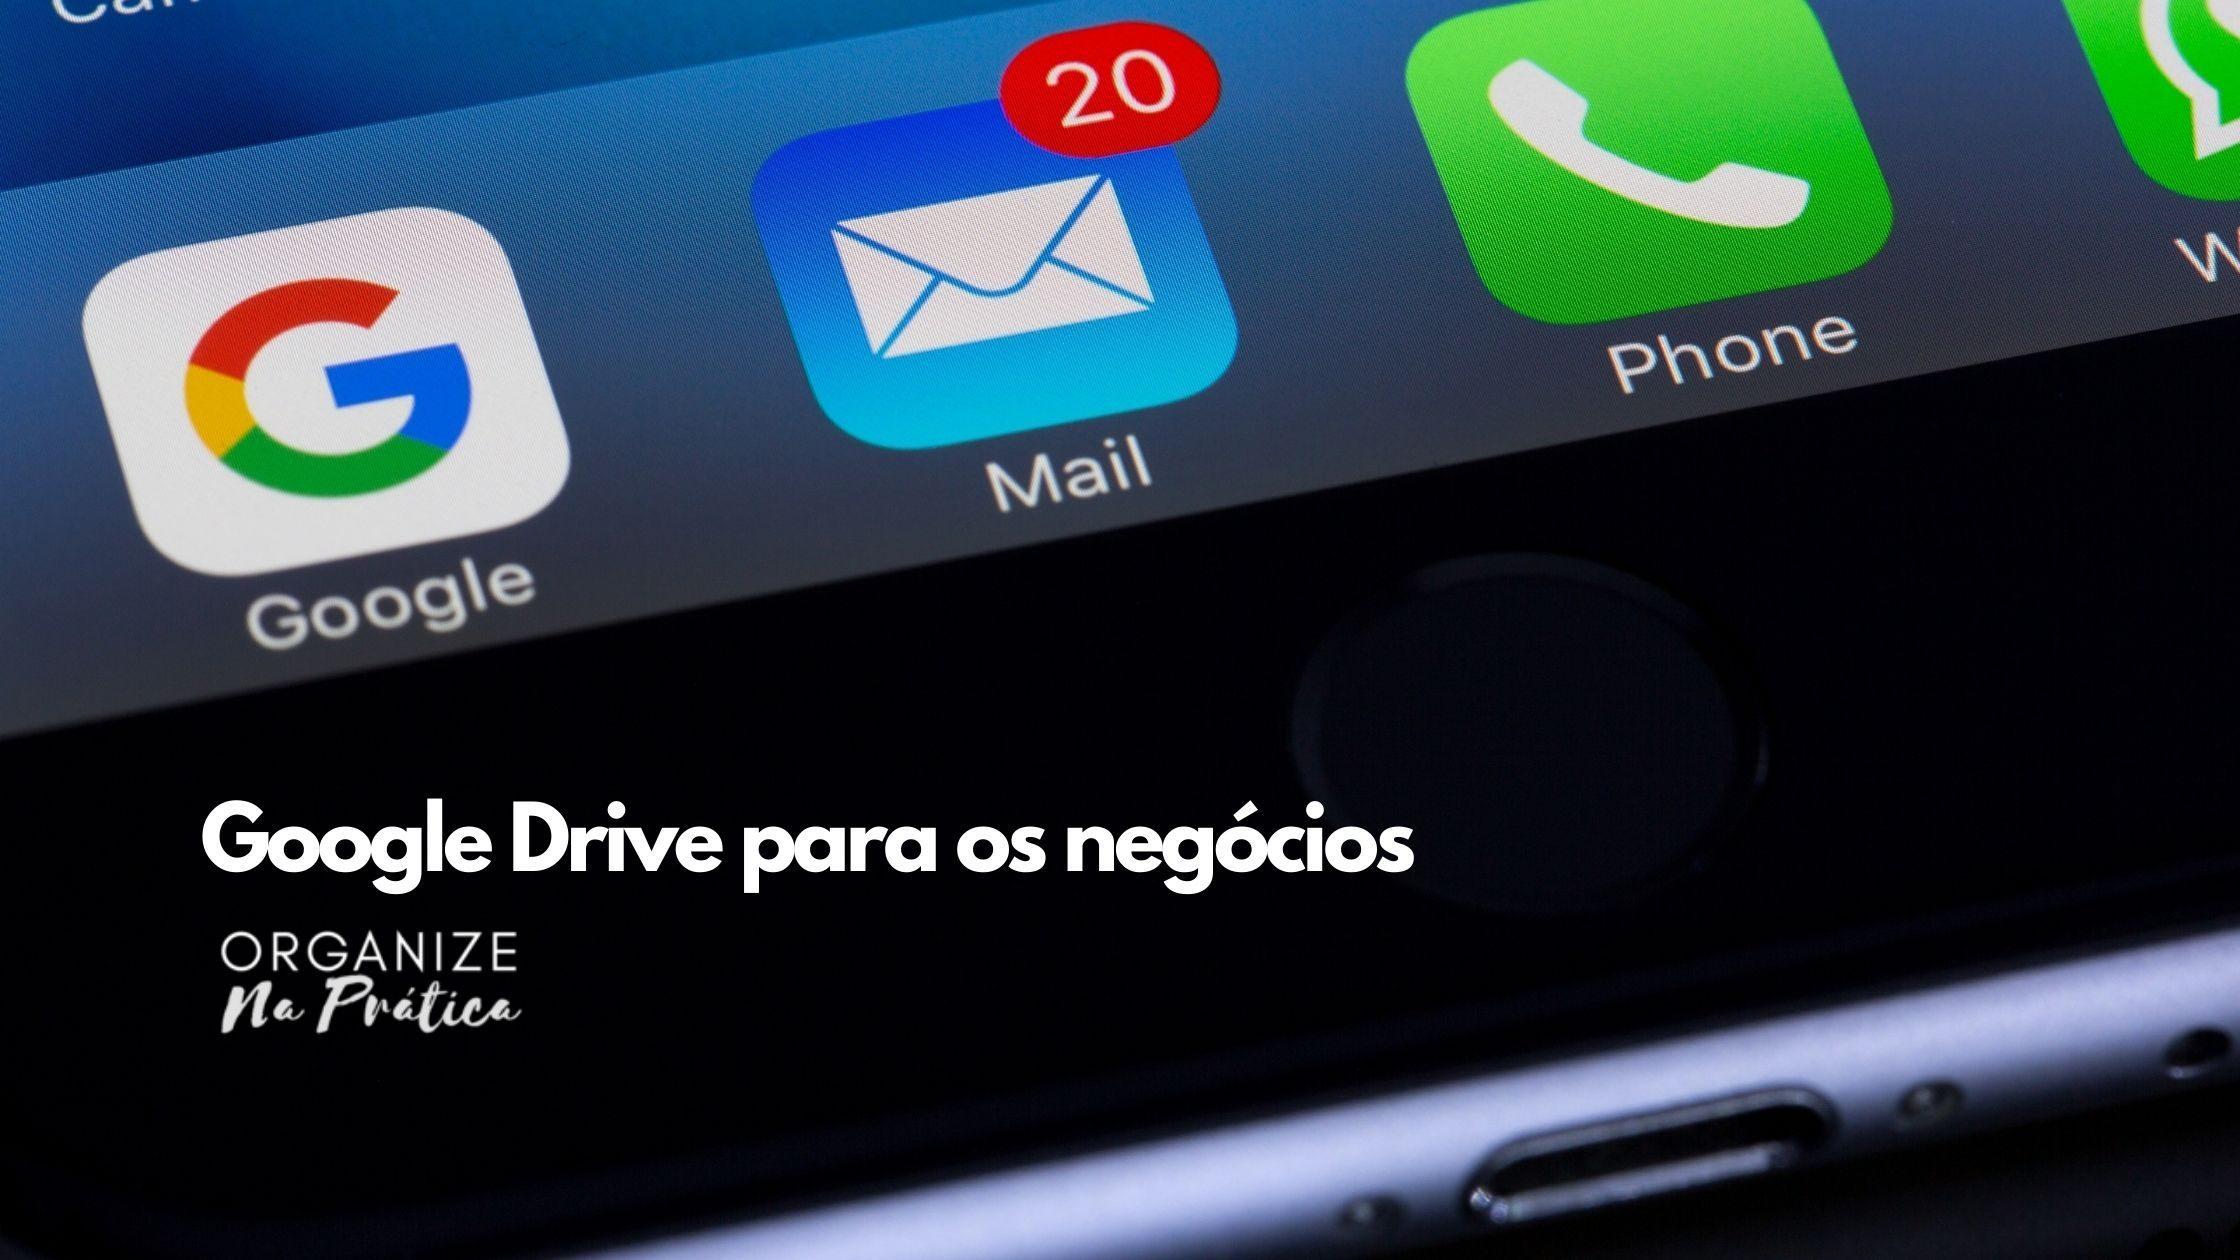 Google Drive para os negócios: aprendas estes recursos